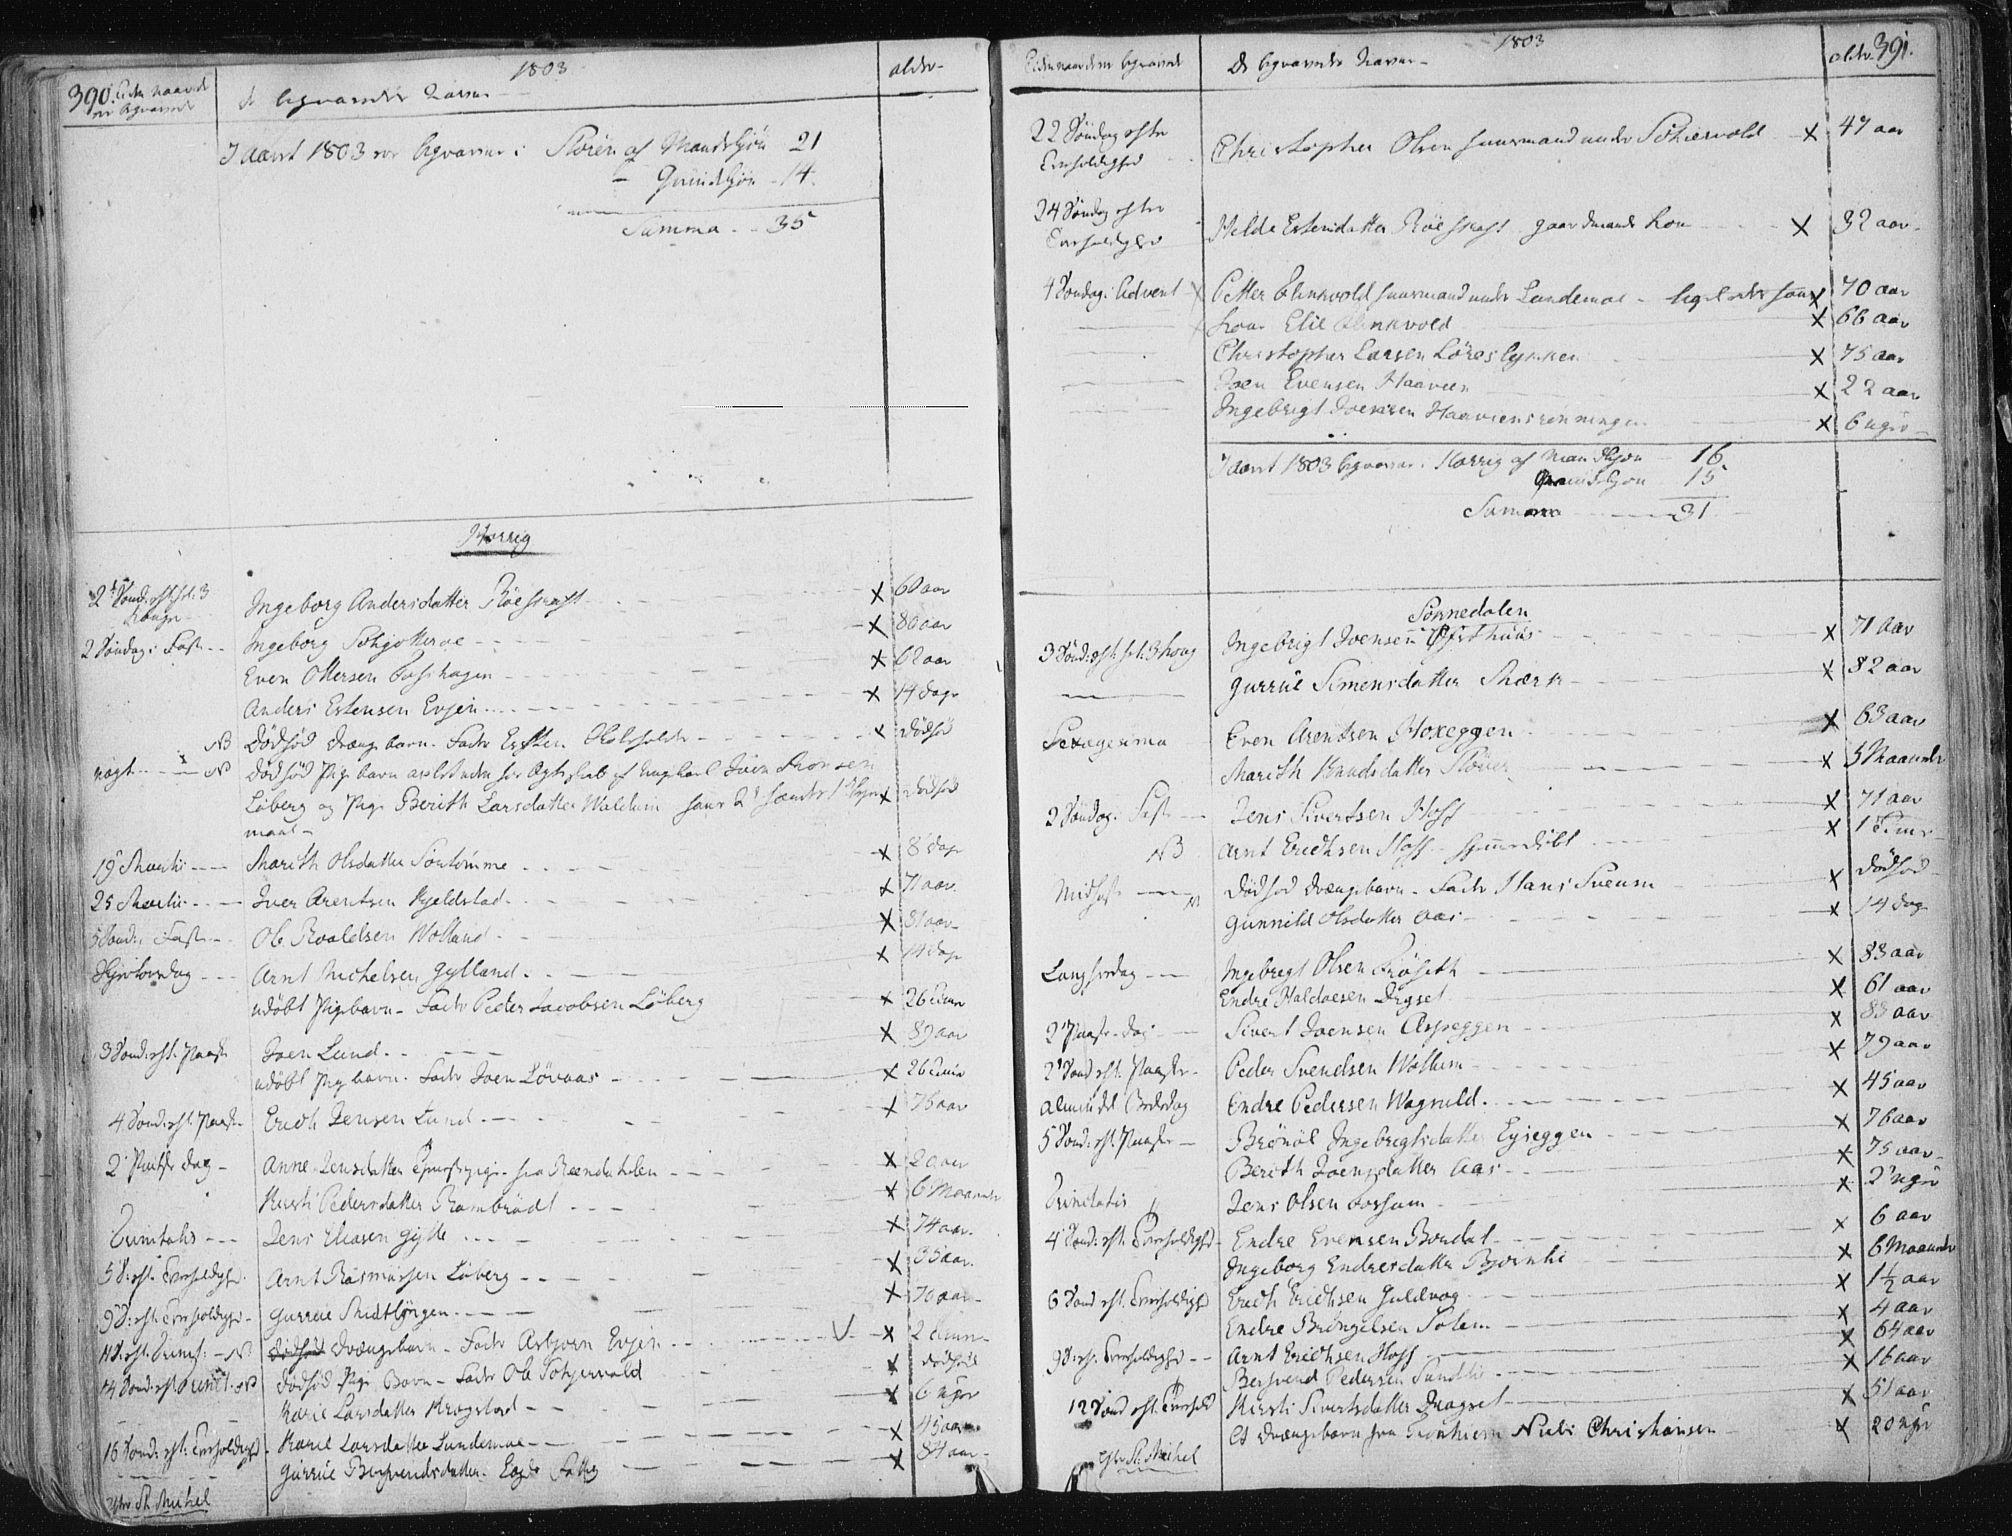 SAT, Ministerialprotokoller, klokkerbøker og fødselsregistre - Sør-Trøndelag, 687/L0992: Ministerialbok nr. 687A03 /1, 1788-1815, s. 390-391